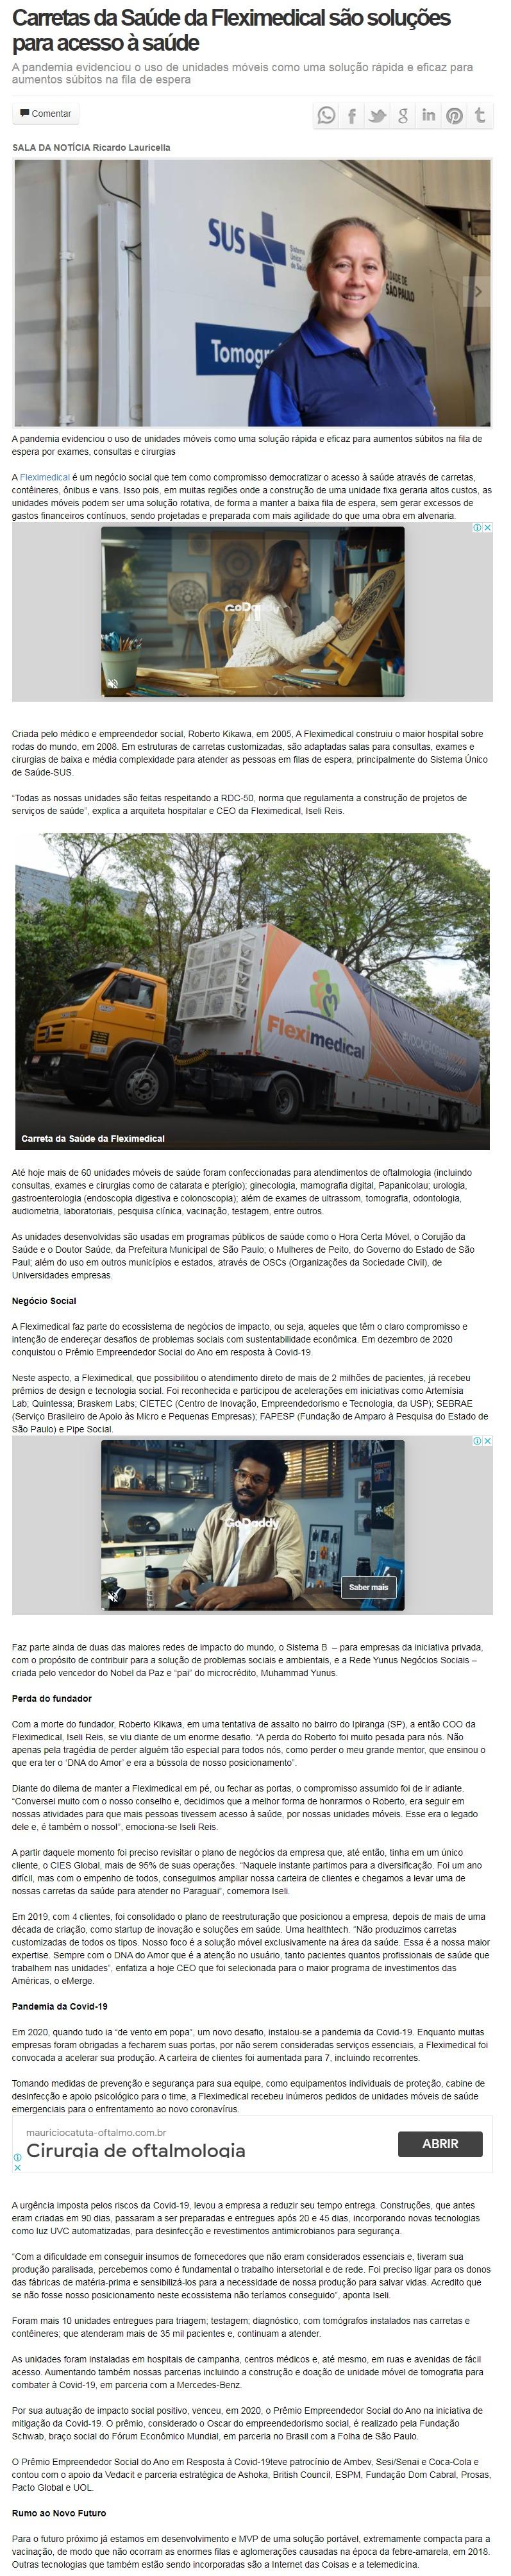 Carretas da Saúde da Fleximedical são soluções para acesso à saúde - Gazeta da Semana